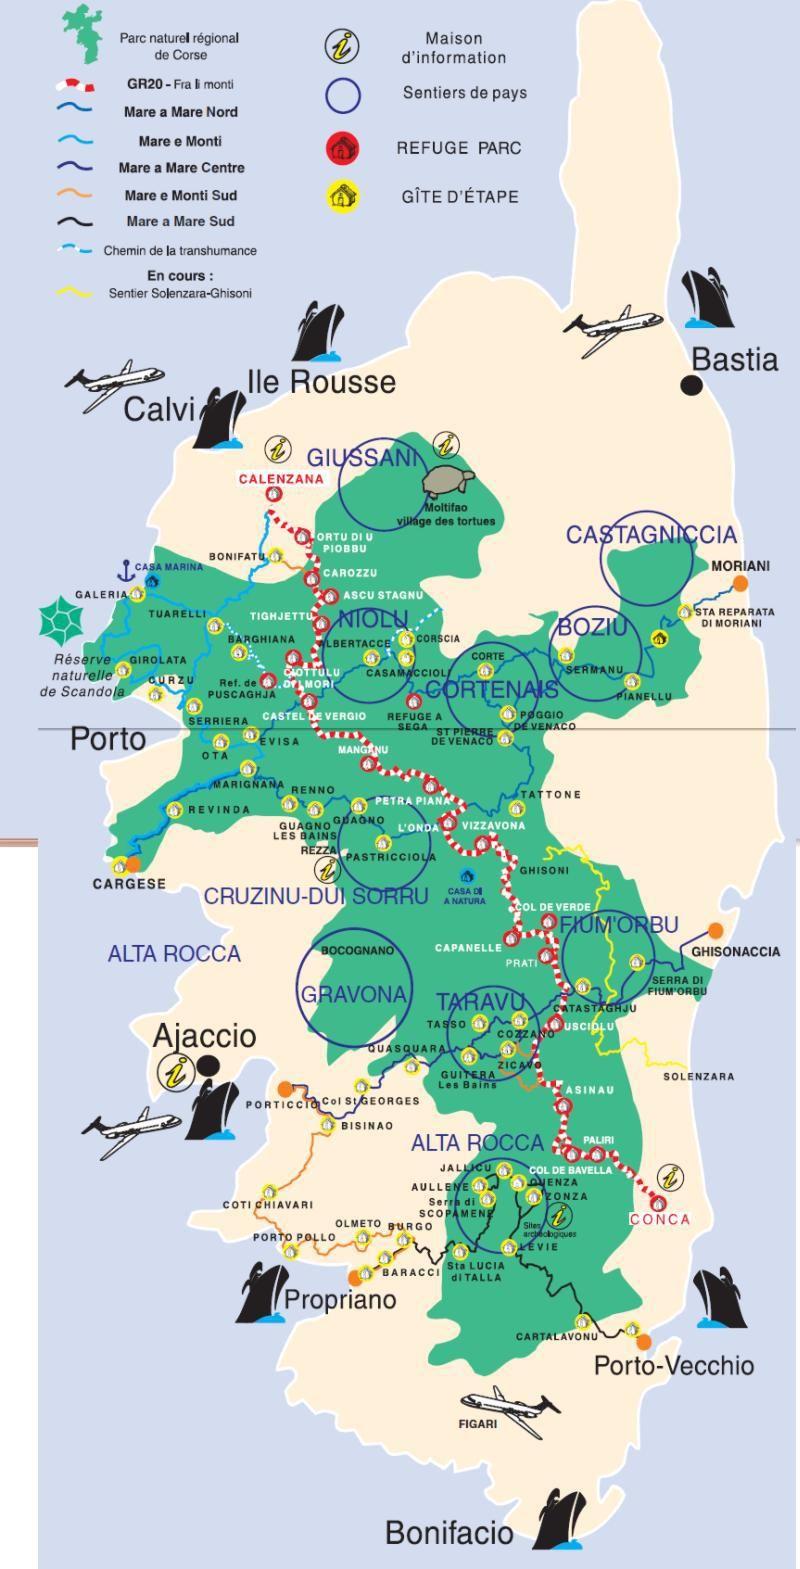 carte corse gr20 Corsica travel, Travel fun, Corsica